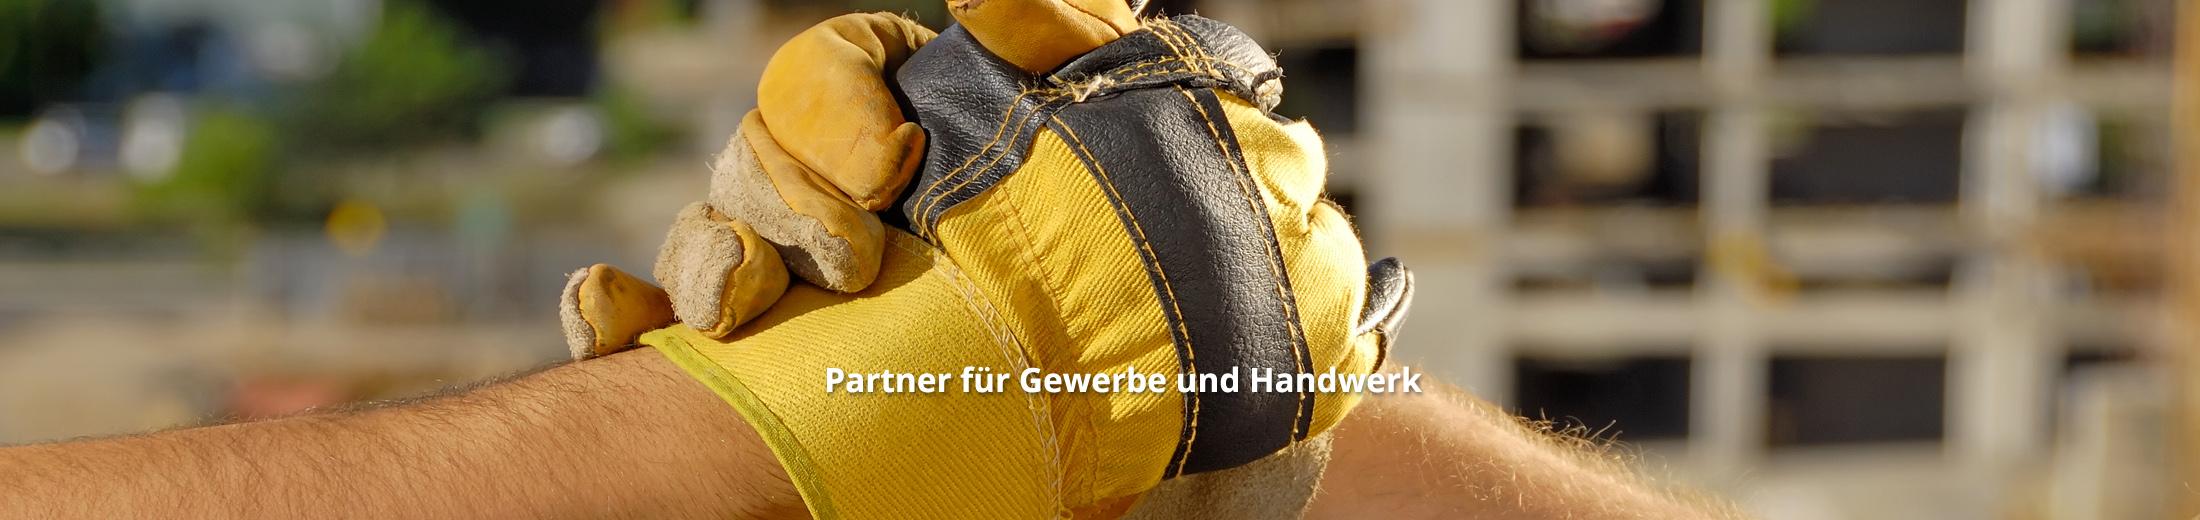 Banner-Handwerk-Gewerbe